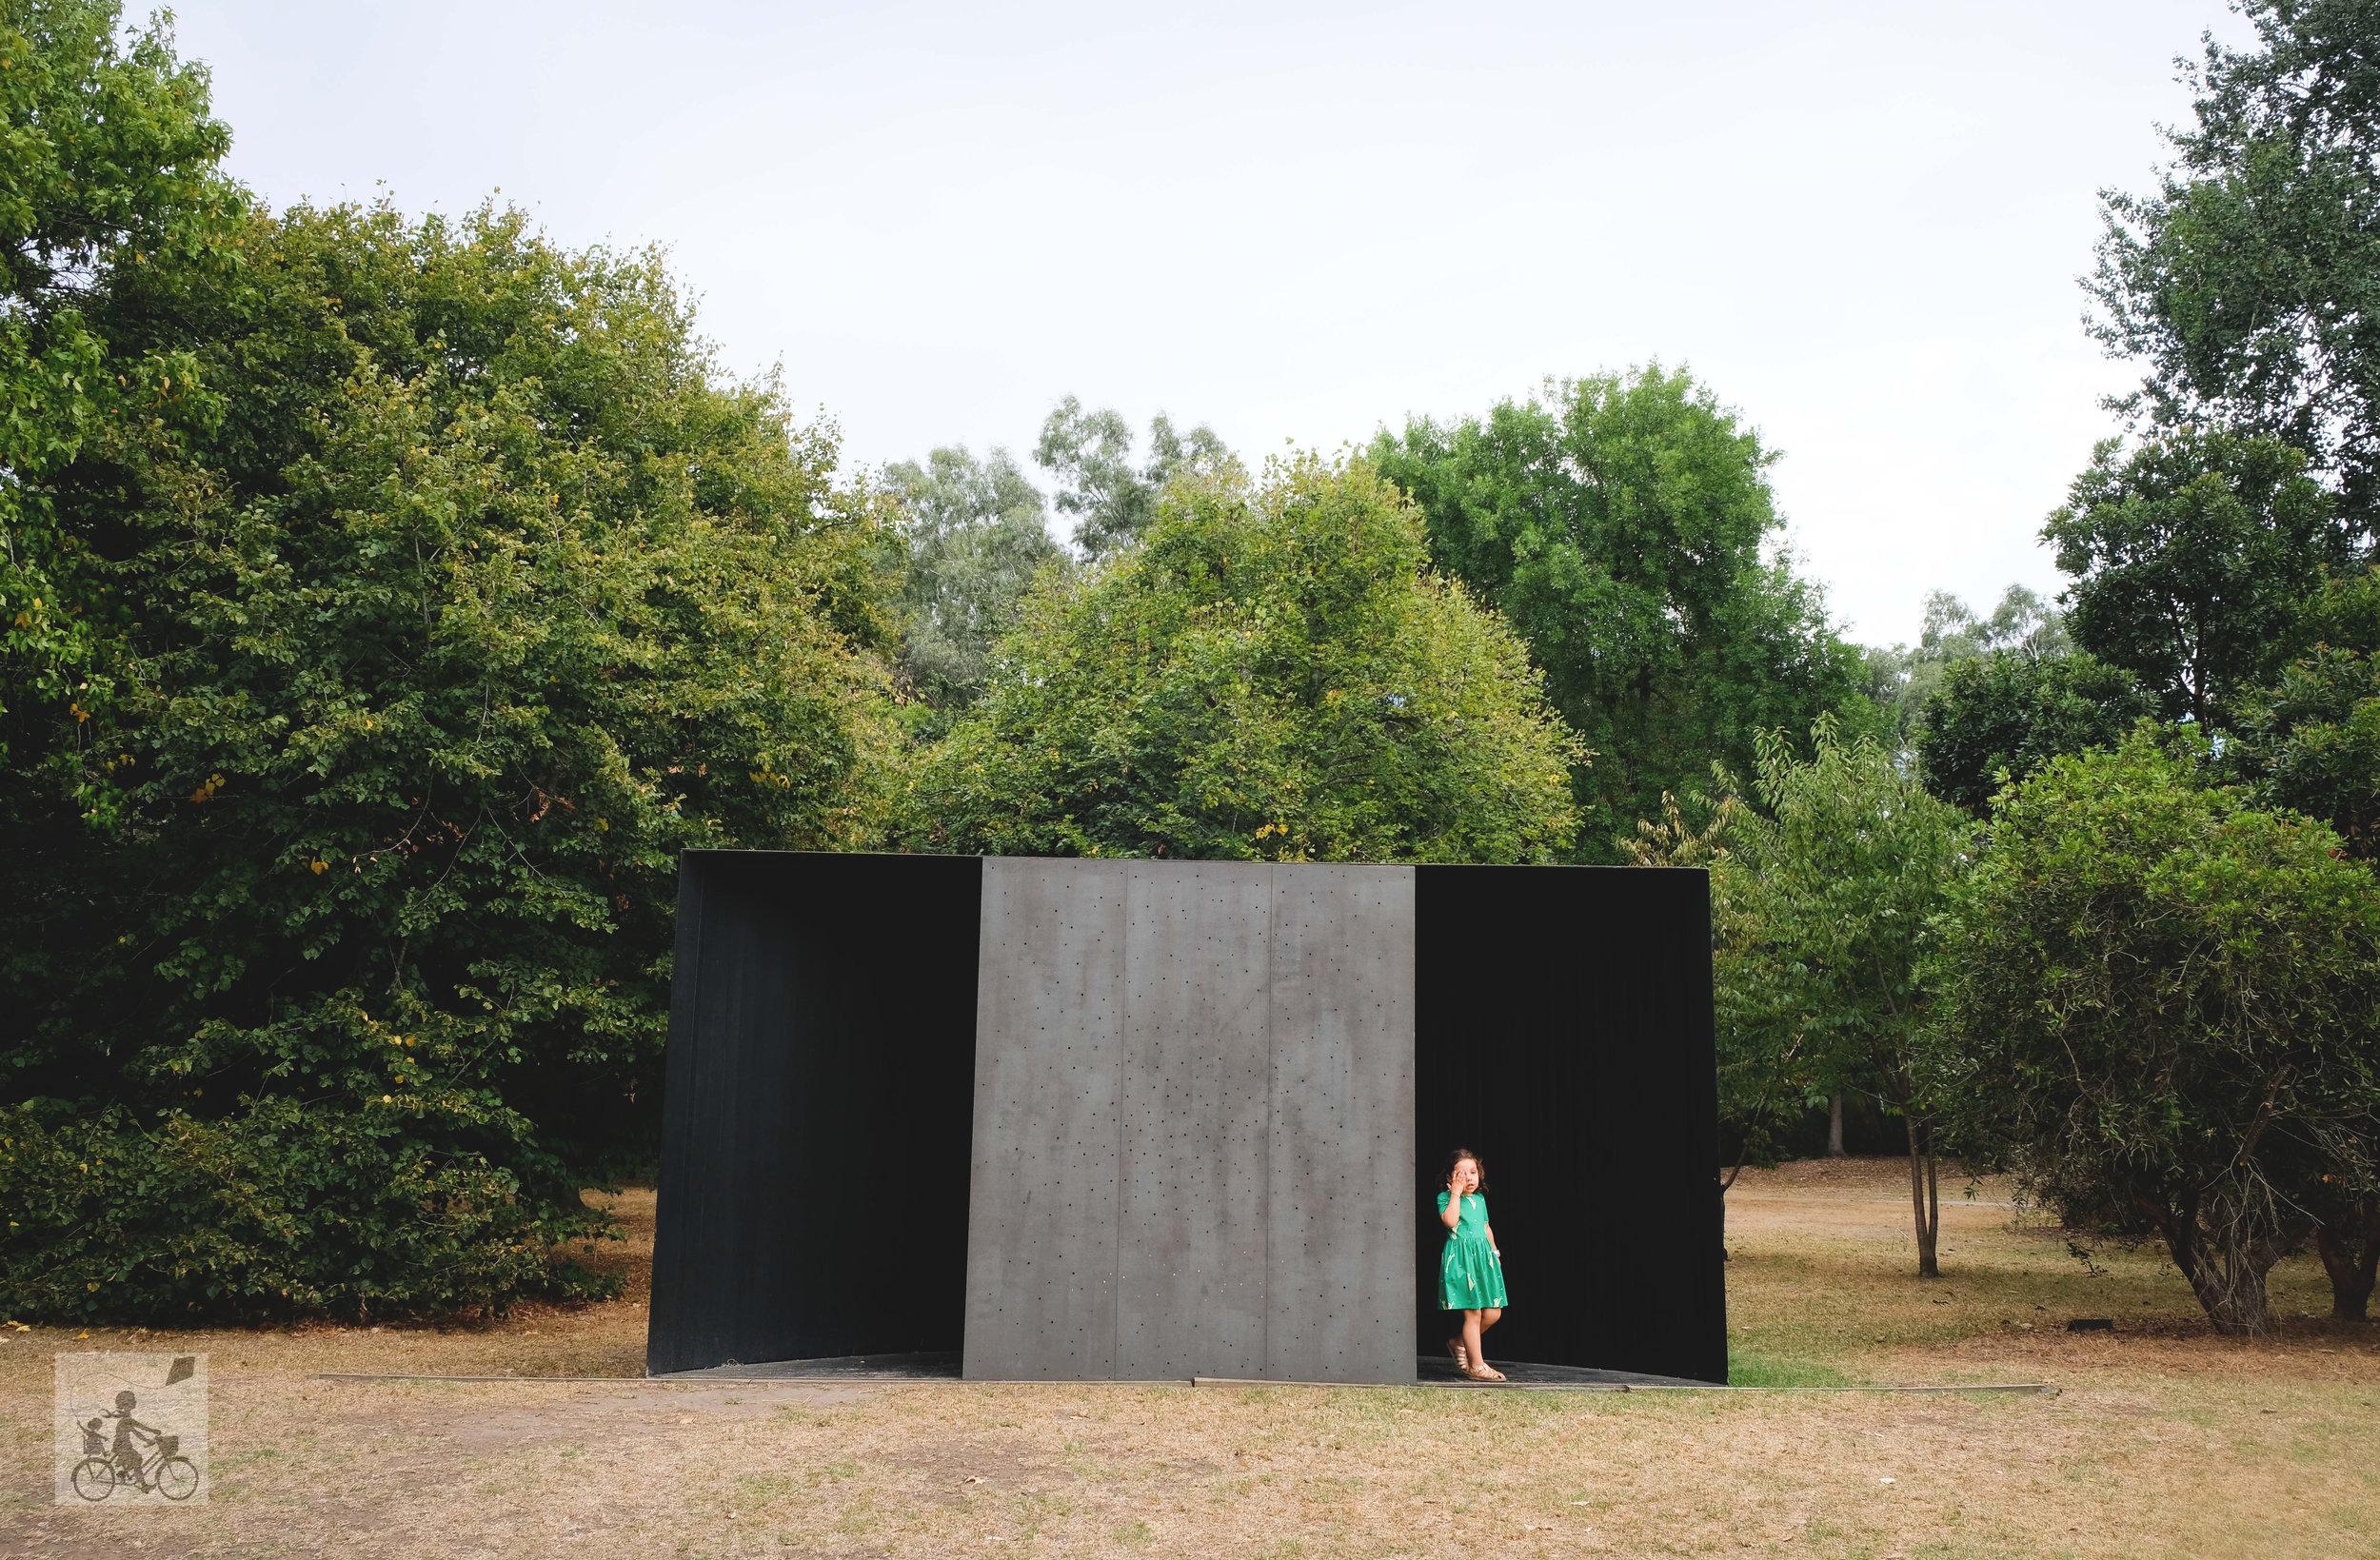 heide sculpture gardens, bulleen - mamma knows north